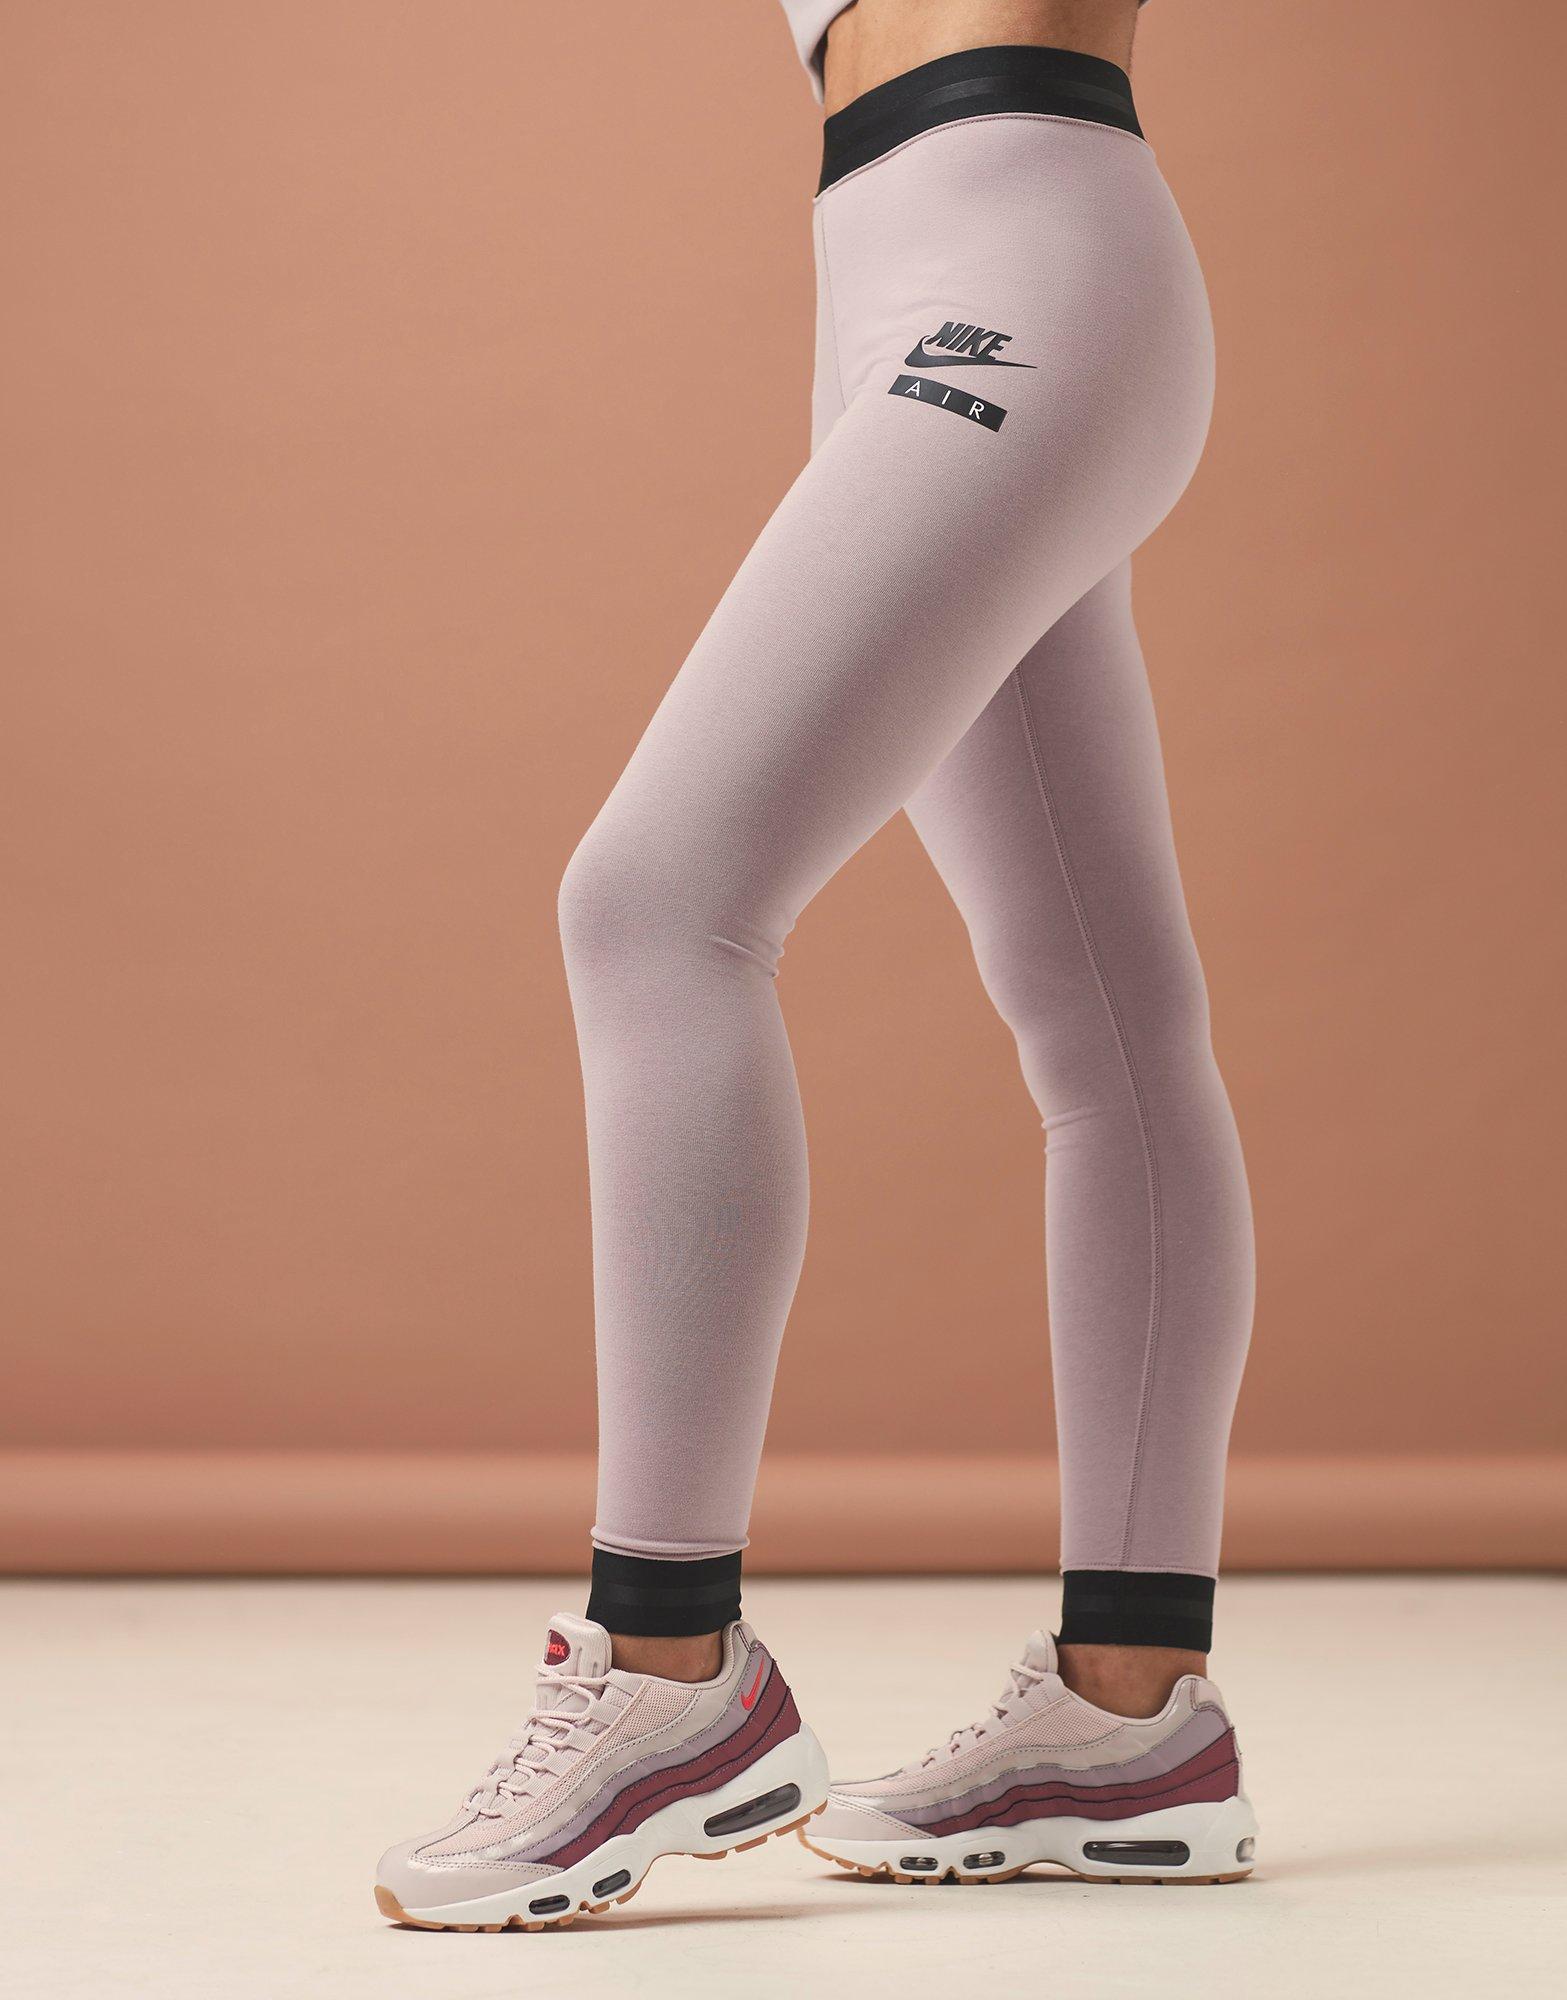 7778f02a6929b Nike Air High Waist Leggings in Pink - Lyst